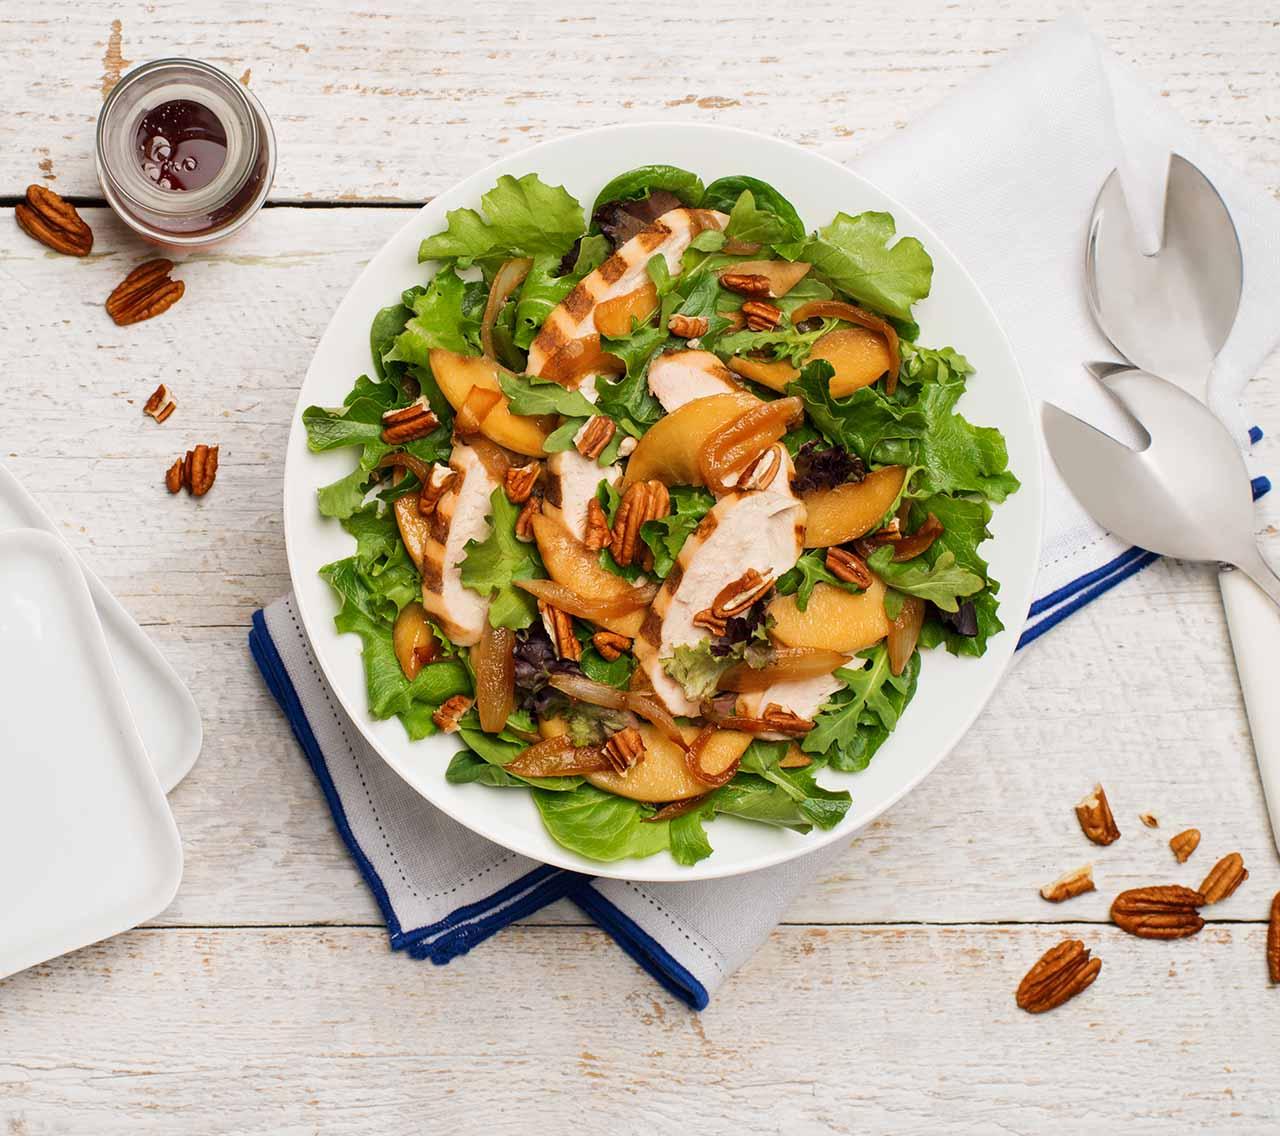 Salade de poulet grillé avec pommes caramélisées